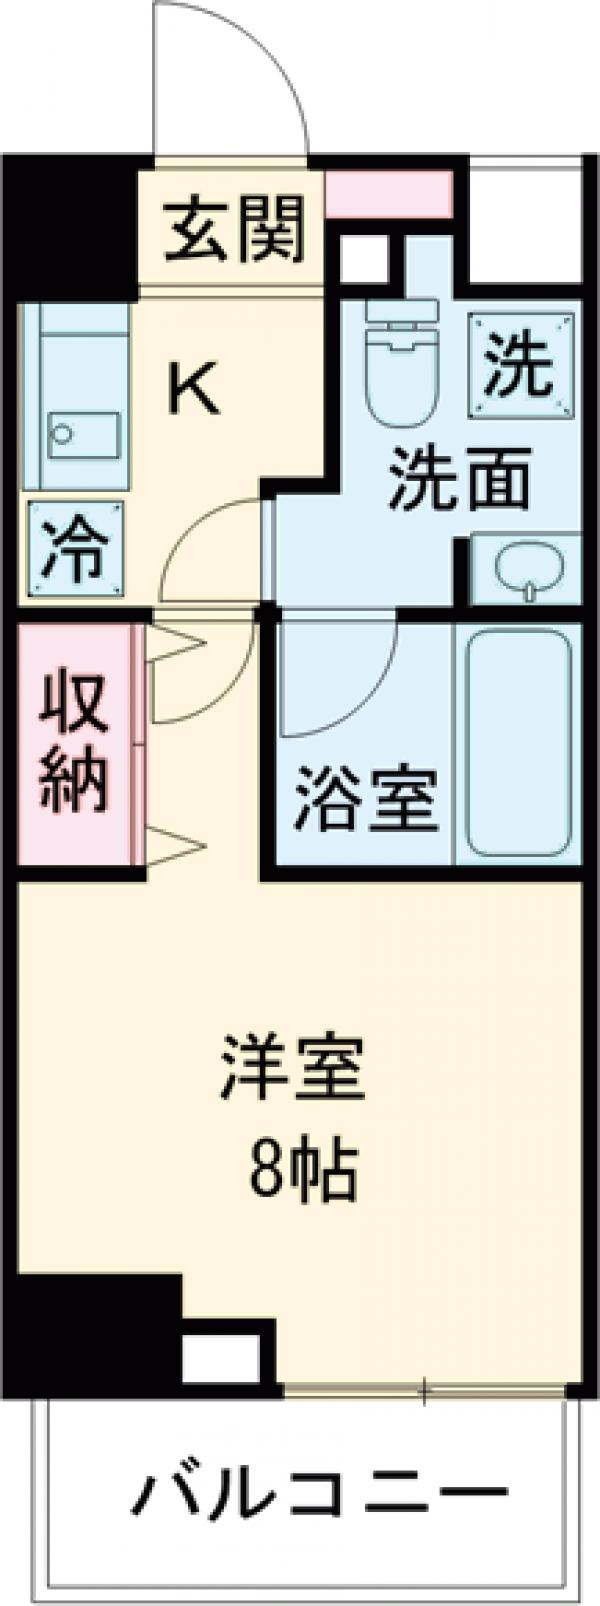 DeLCCS  IKEBUKURO・402号室の間取り